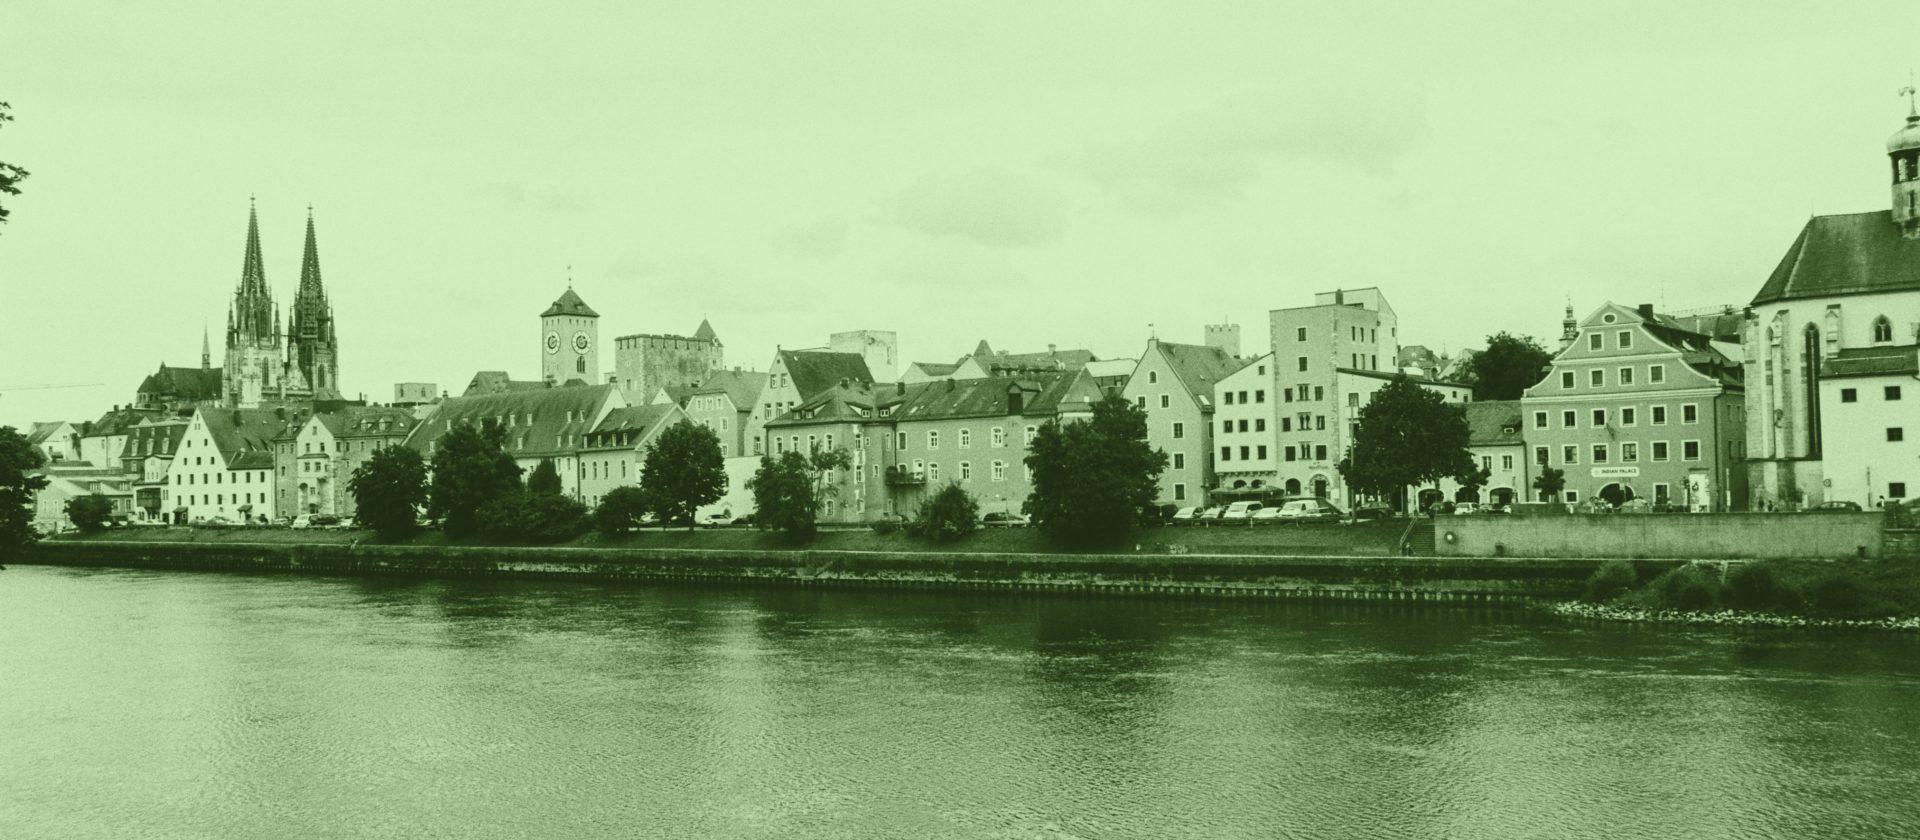 Inpsyde Content Marketing Manager Sabine Polegek lives in Regensburg